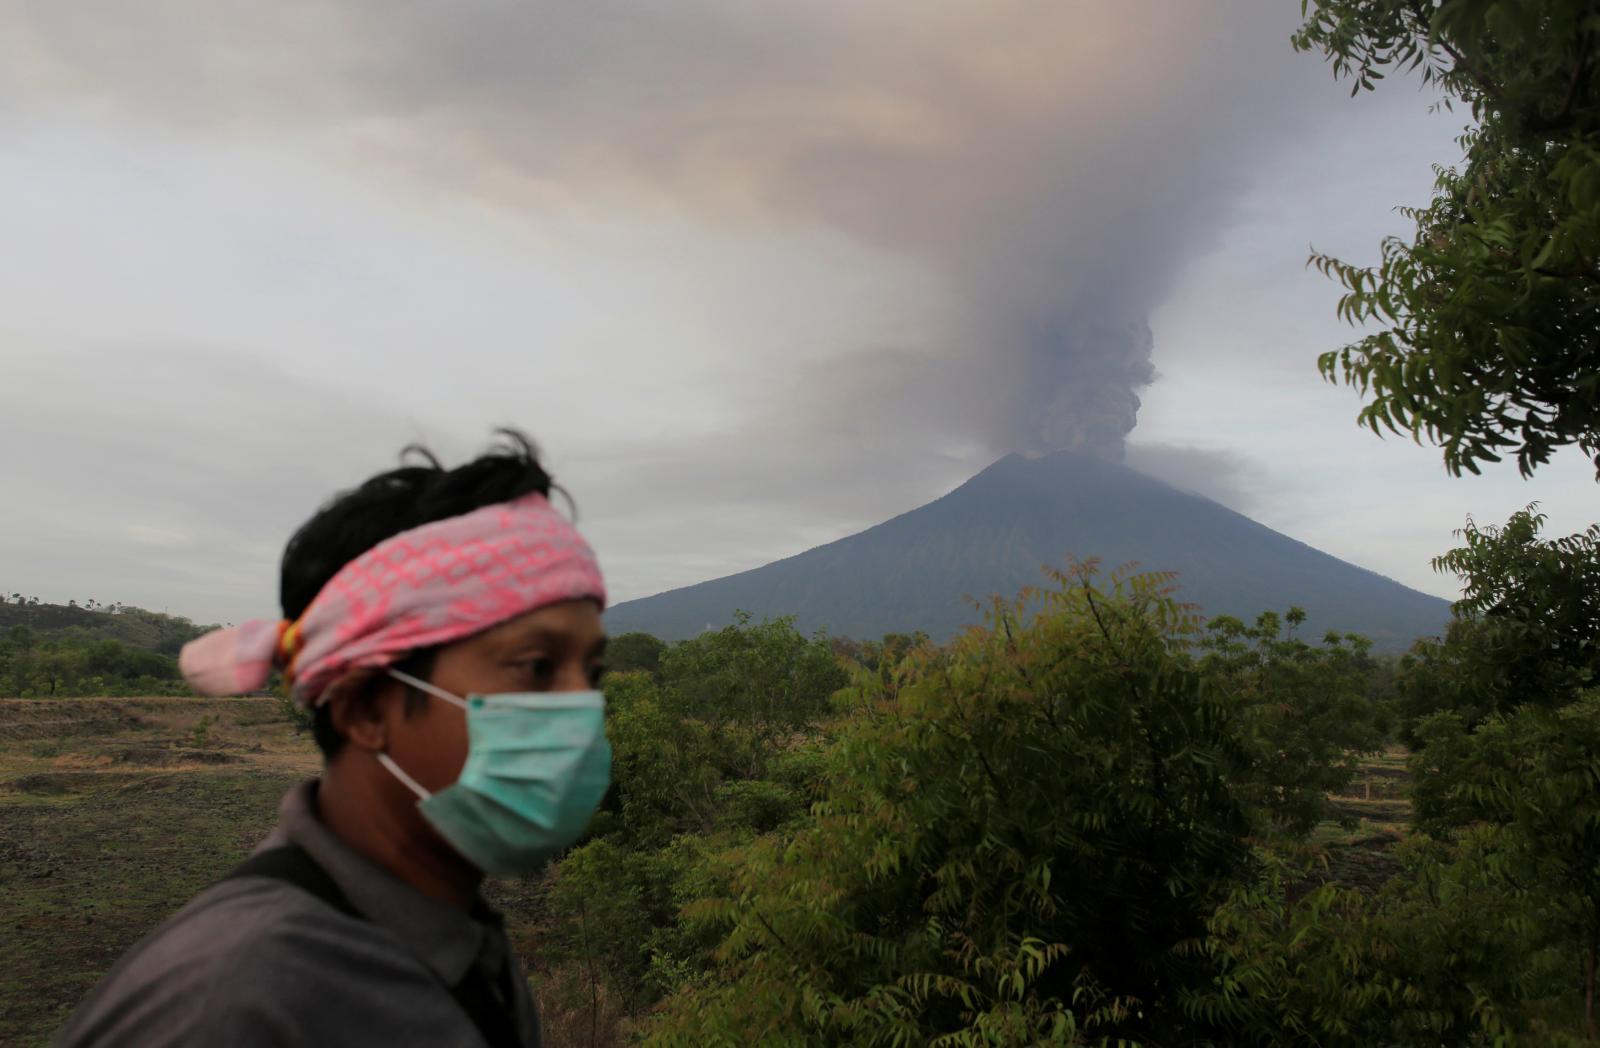 อินโดนีเซียยกระดับเตือนภัยสูงสุด หลังภูเขาไฟอากุงปะทุรุนแรง